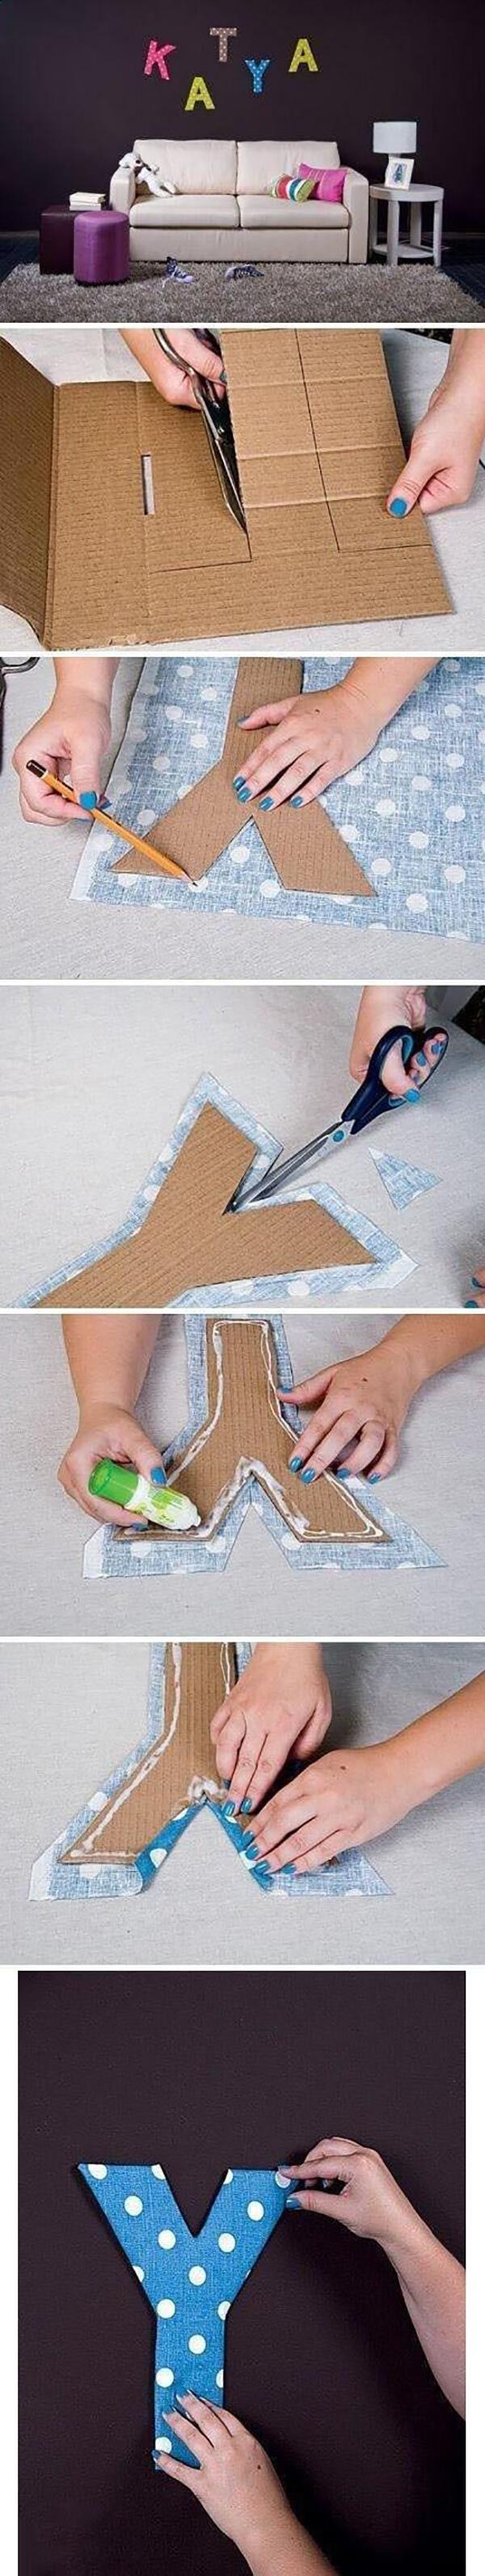 Как вырезать буквы из дерева своими руками